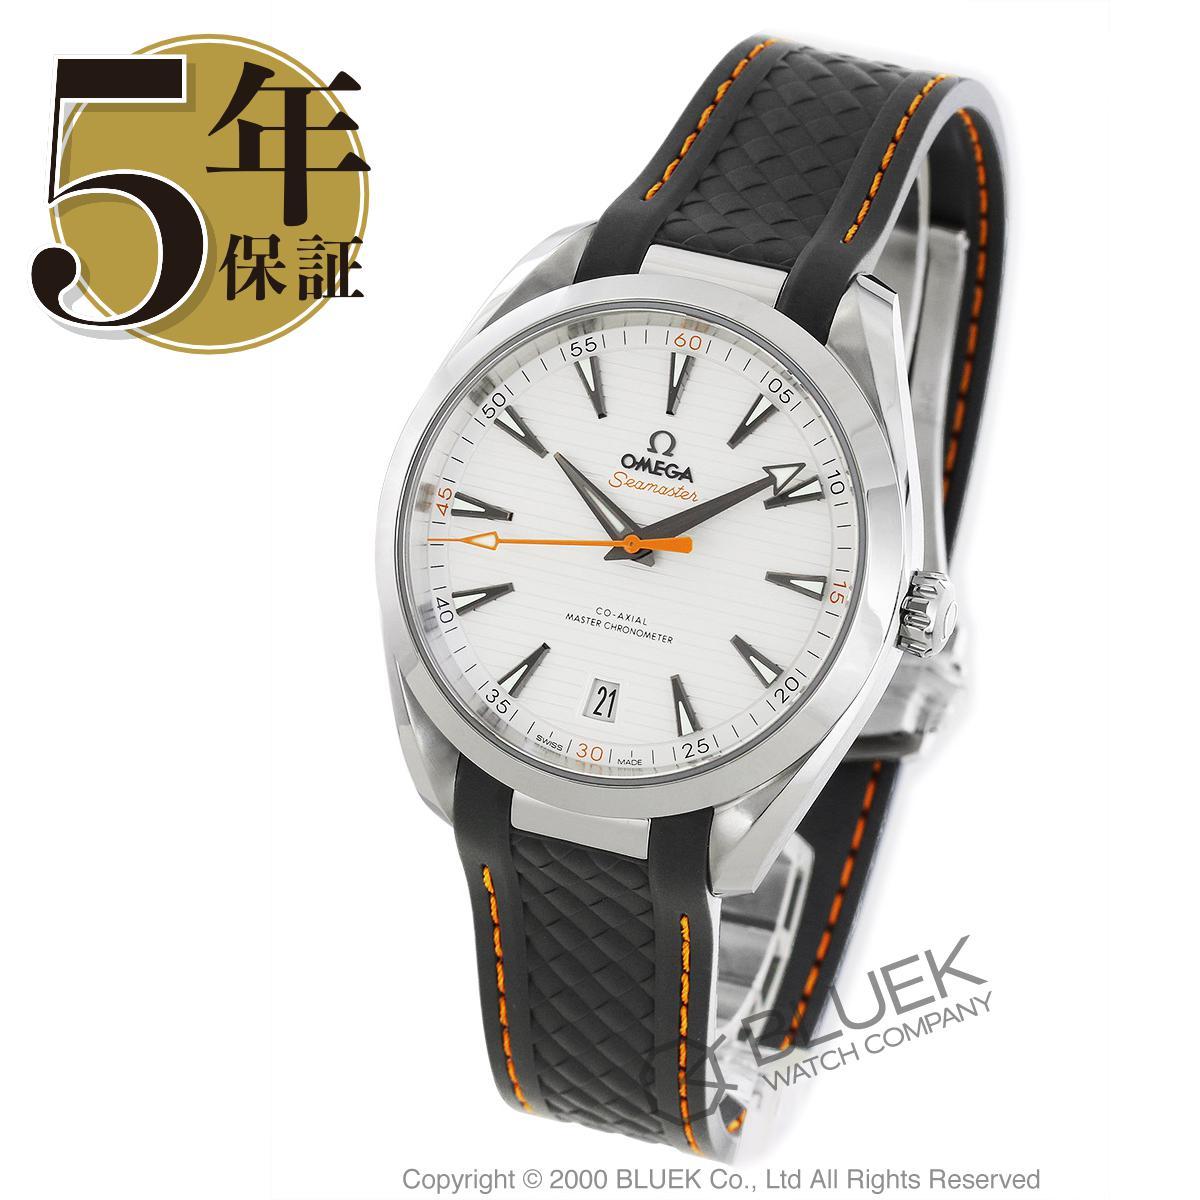 オメガ シーマスター アクアテラ マスタークロノメーター 腕時計 メンズ OMEGA 220.12.41.21.02.002_5